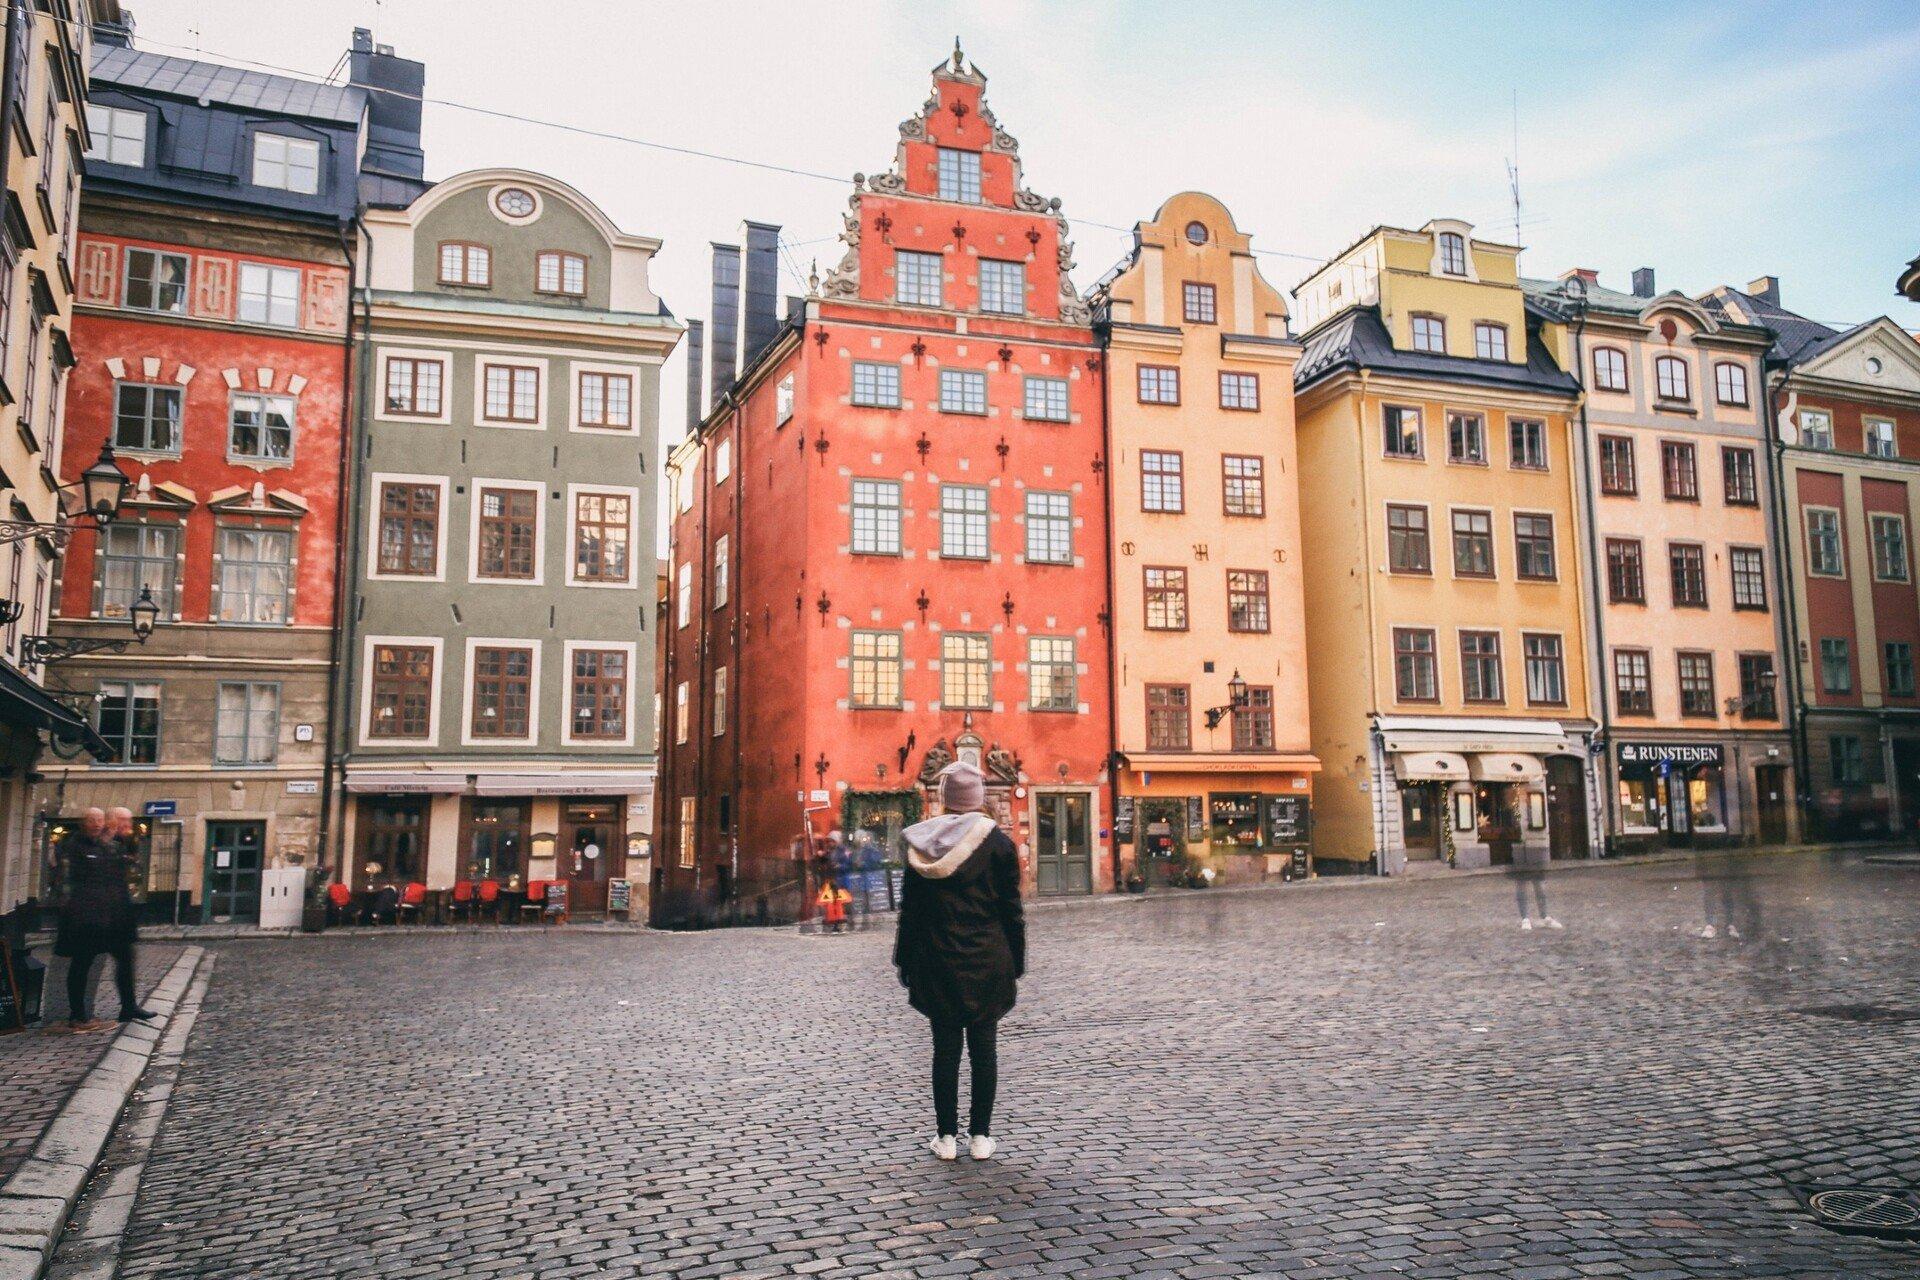 Ταξίδι στη Στοκχόλμη, σε μία από τις πιο ρομαντικές (και παγωμένες) πόλεις  της Ευρώπης   LiFO